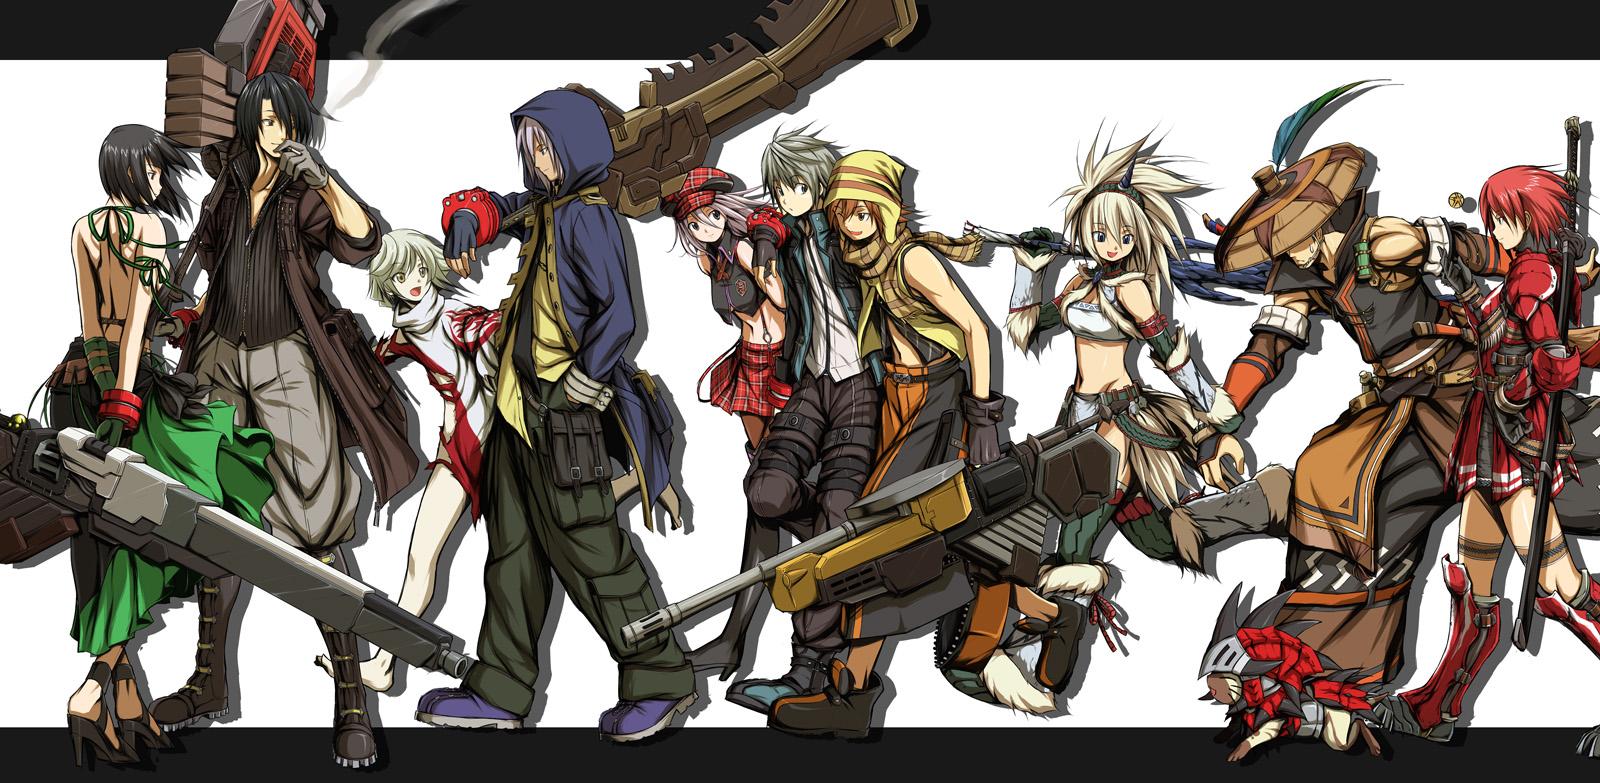 1bff2ca79fee48e5b3954d17185c094c 5 Temmuz 2015'de Çıkacak Animeler